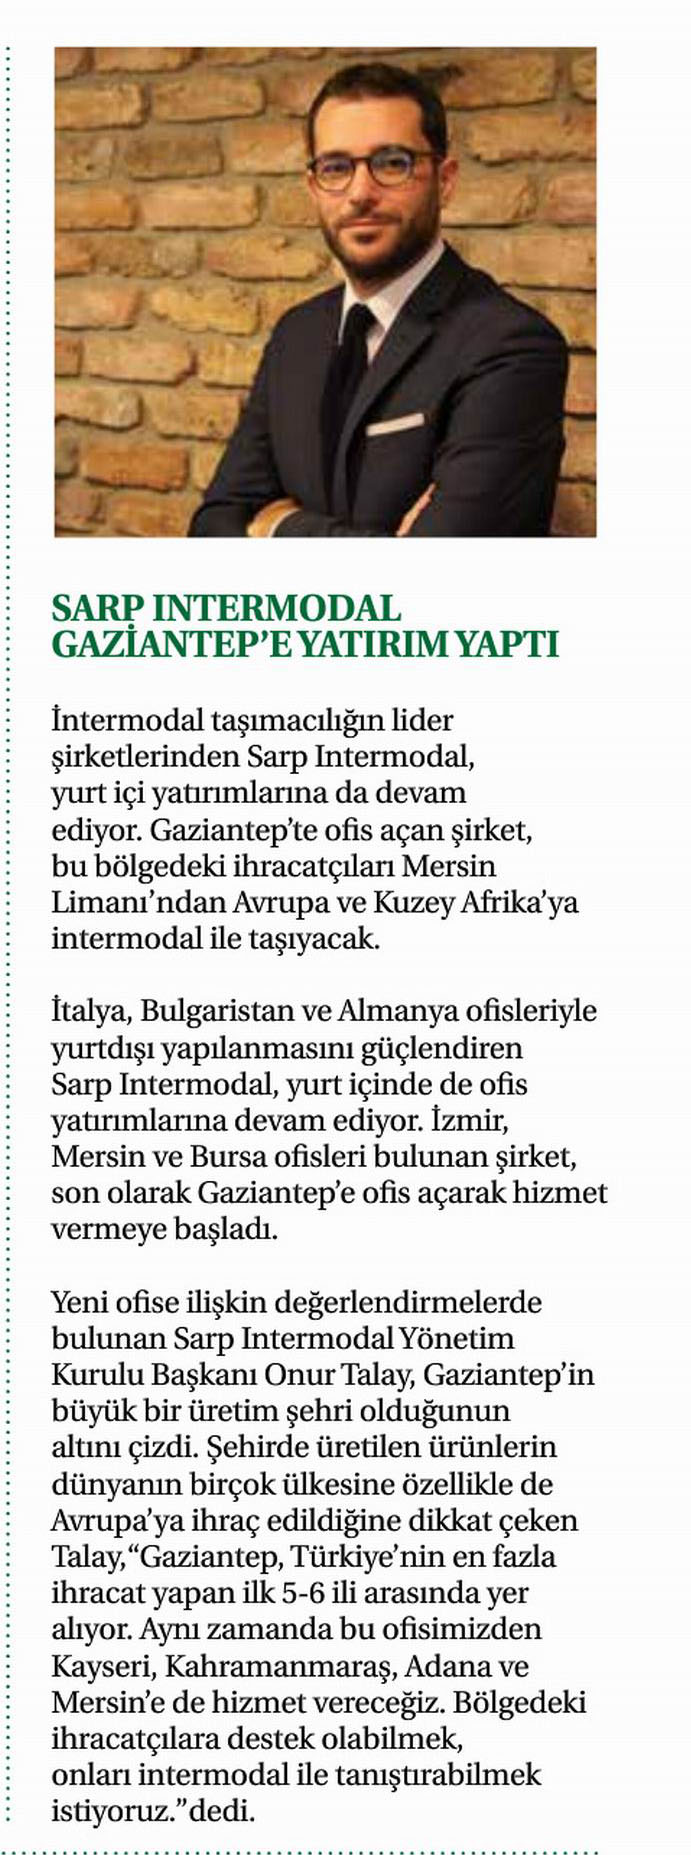 Sarp Intermodal'den Gaziantep'e Yatırım // Busıness World Global